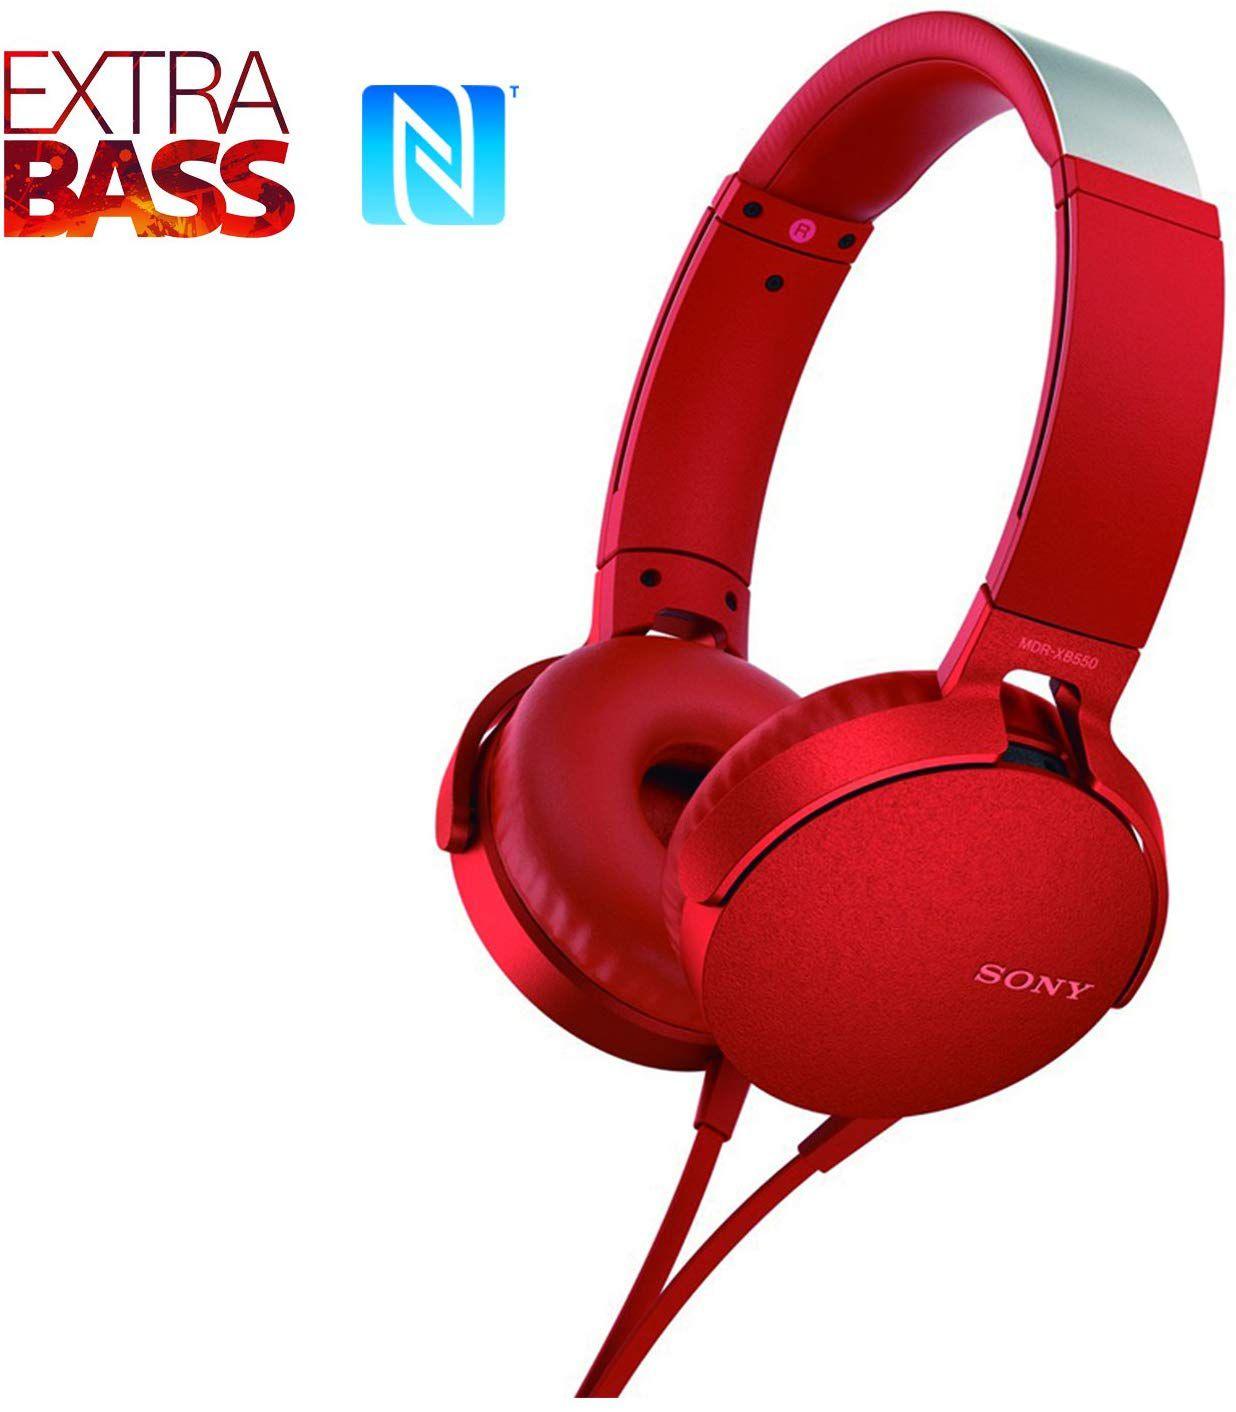 Fone de Ouvido Sony Headphone com Extra Bass Vermelho MDR XB550AP